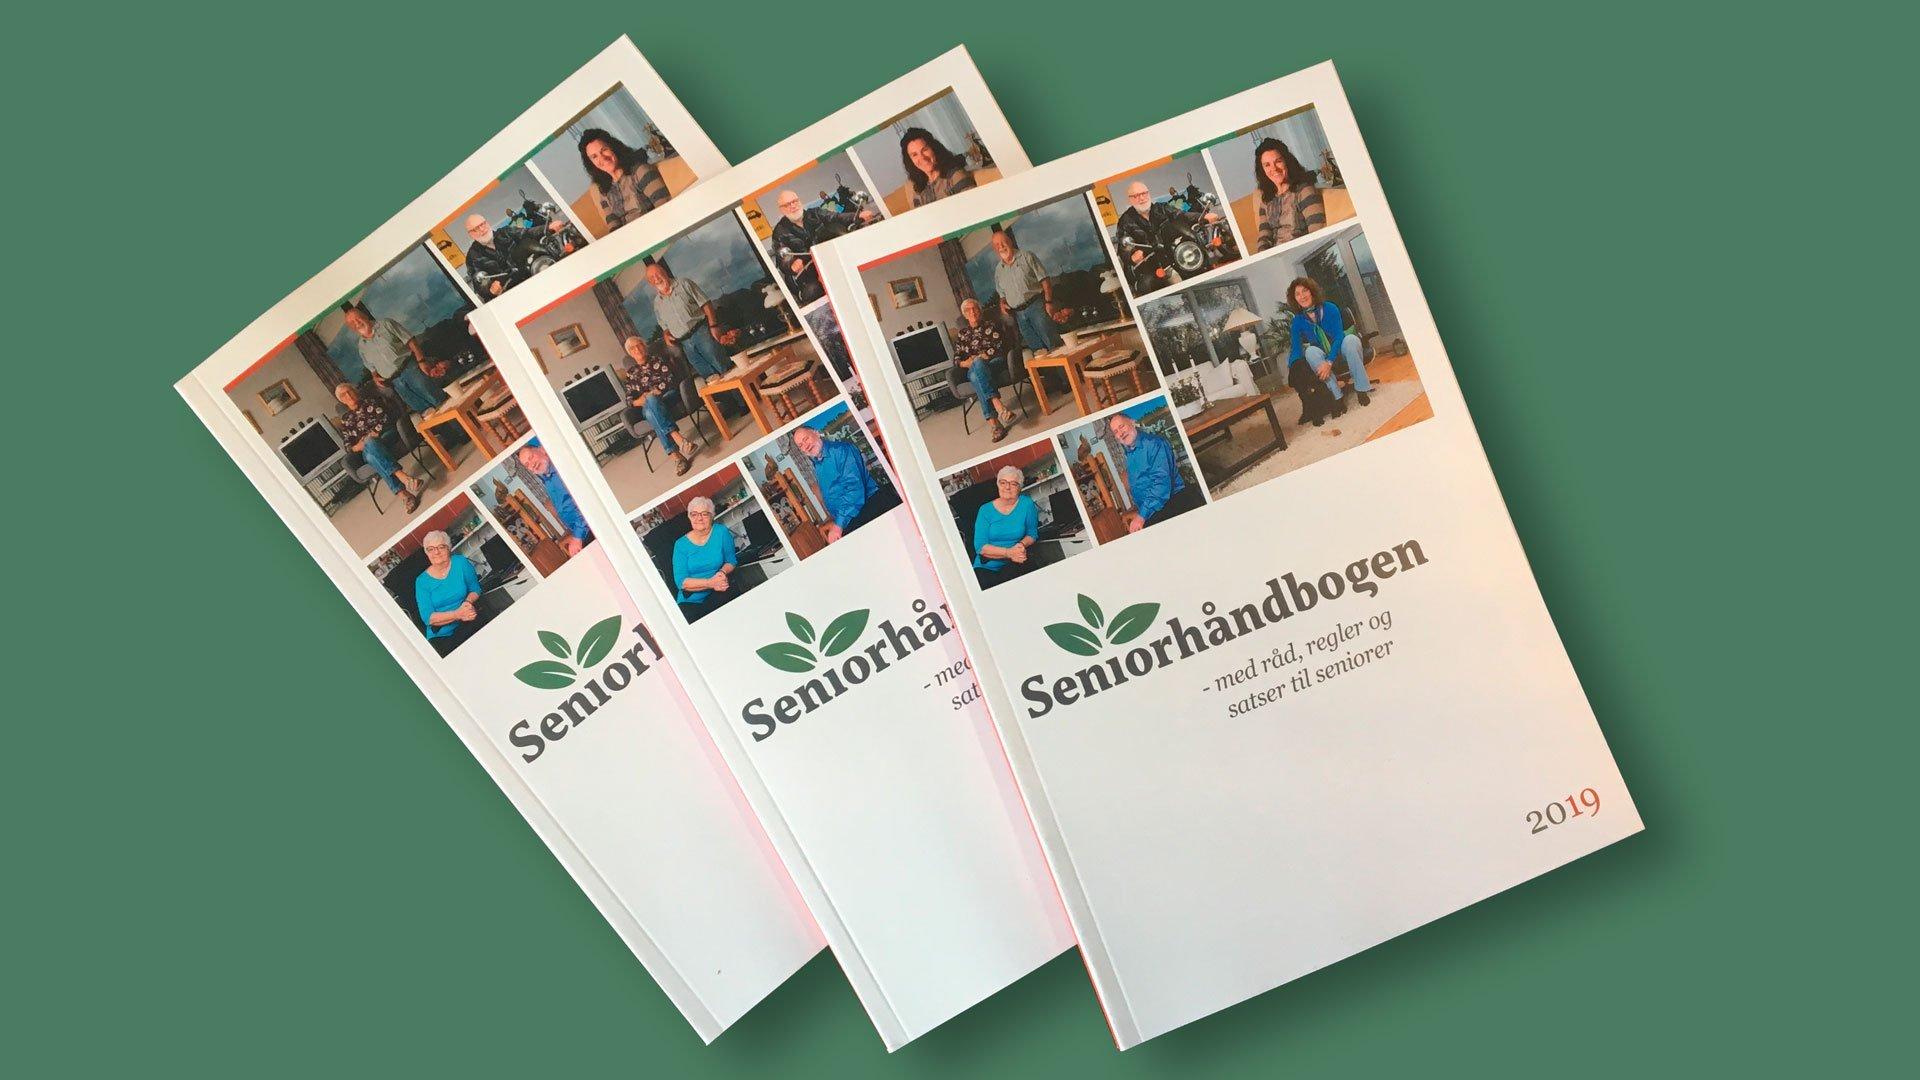 Seniorhåndbogen 2019 bestil gratis her